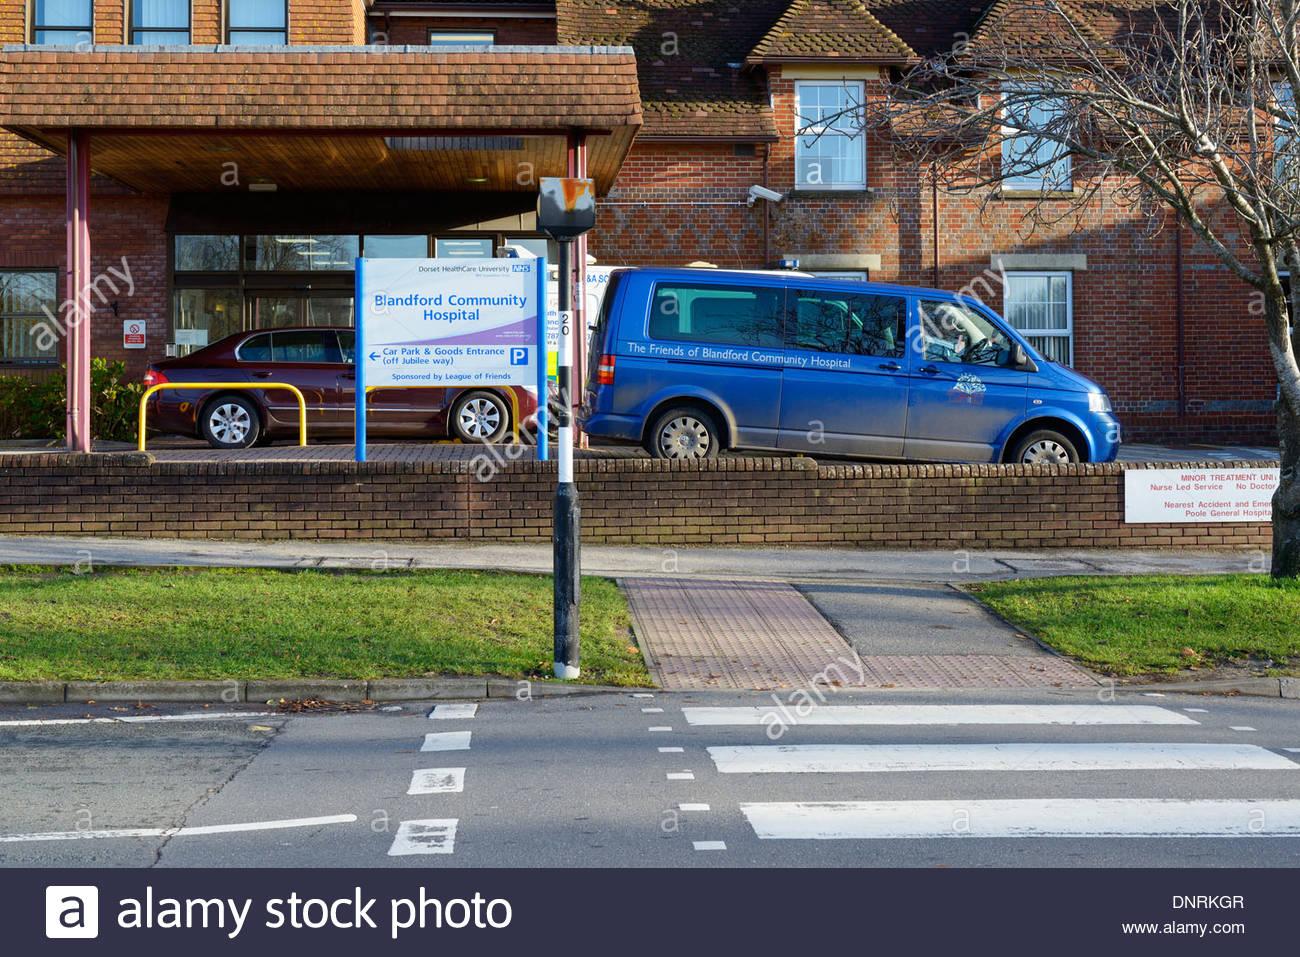 Blandford Community Hospital, Blandford Forum, Dorset England UK - Stock Image